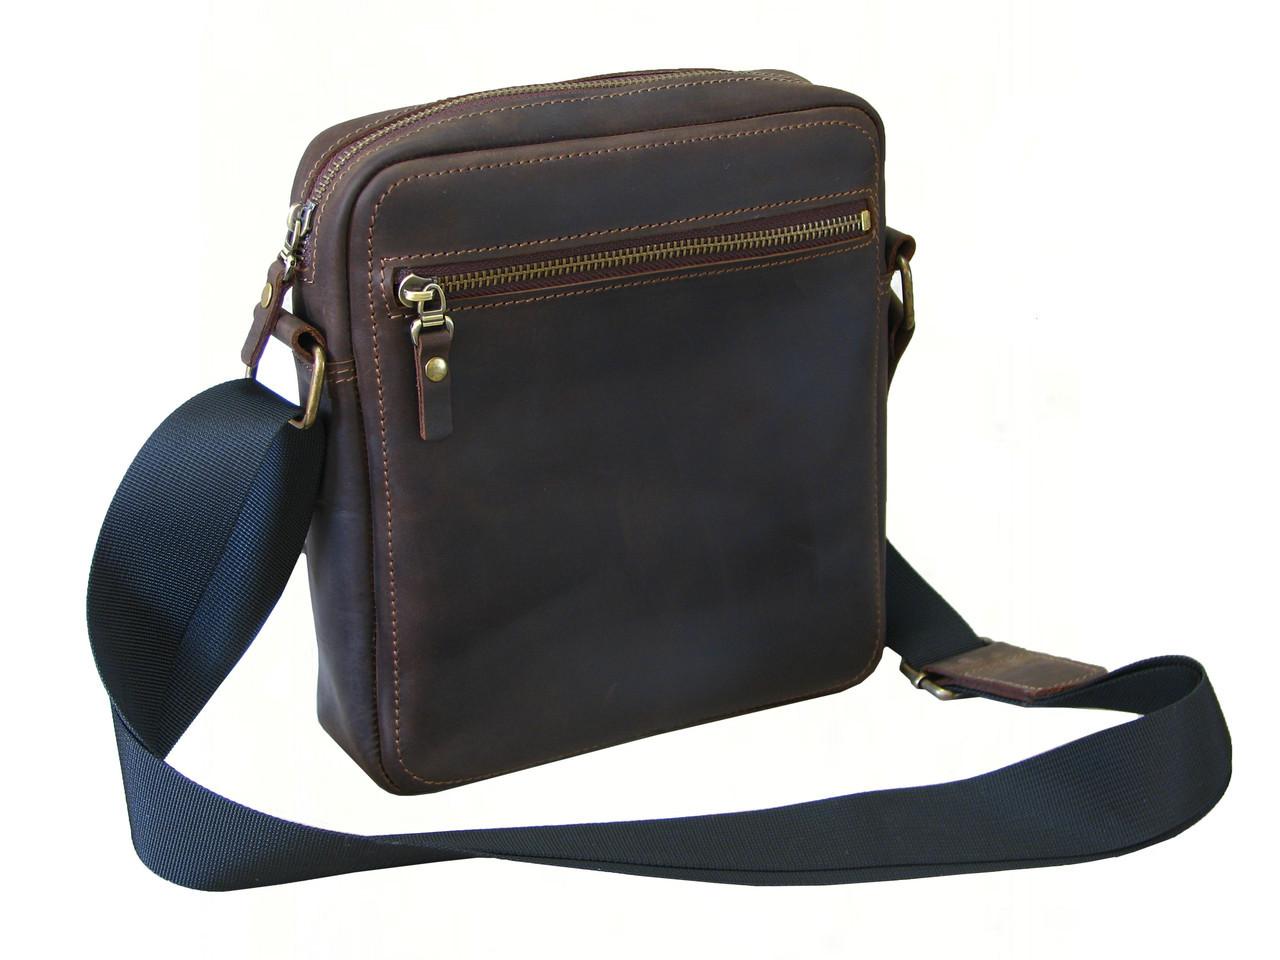 Мужская сумка на плечо GS кожаная коричневая